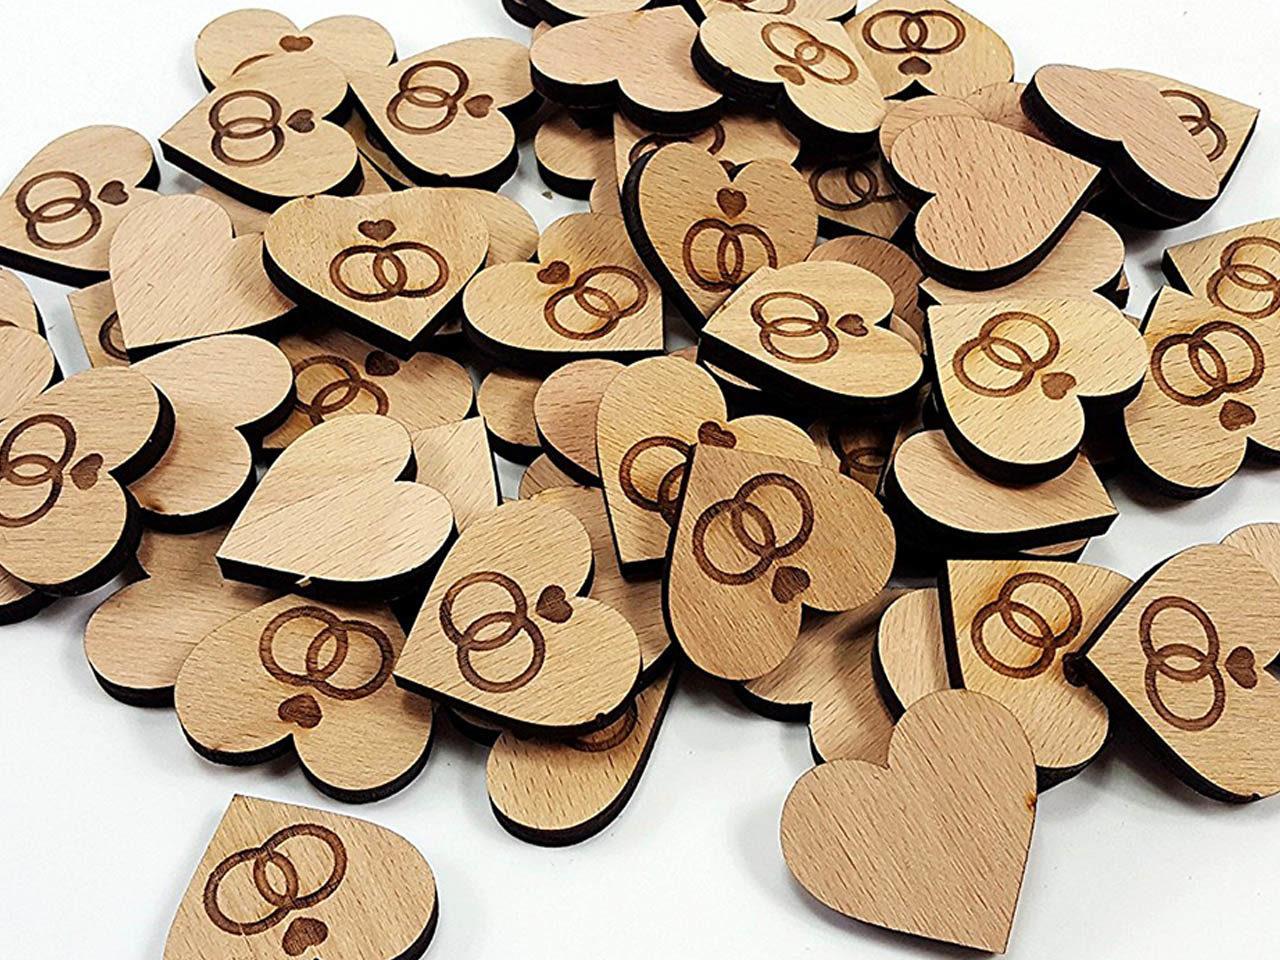 Herz-Streudeko aus Holz mit Wunschsymbol 60 Stück – Personalisiert